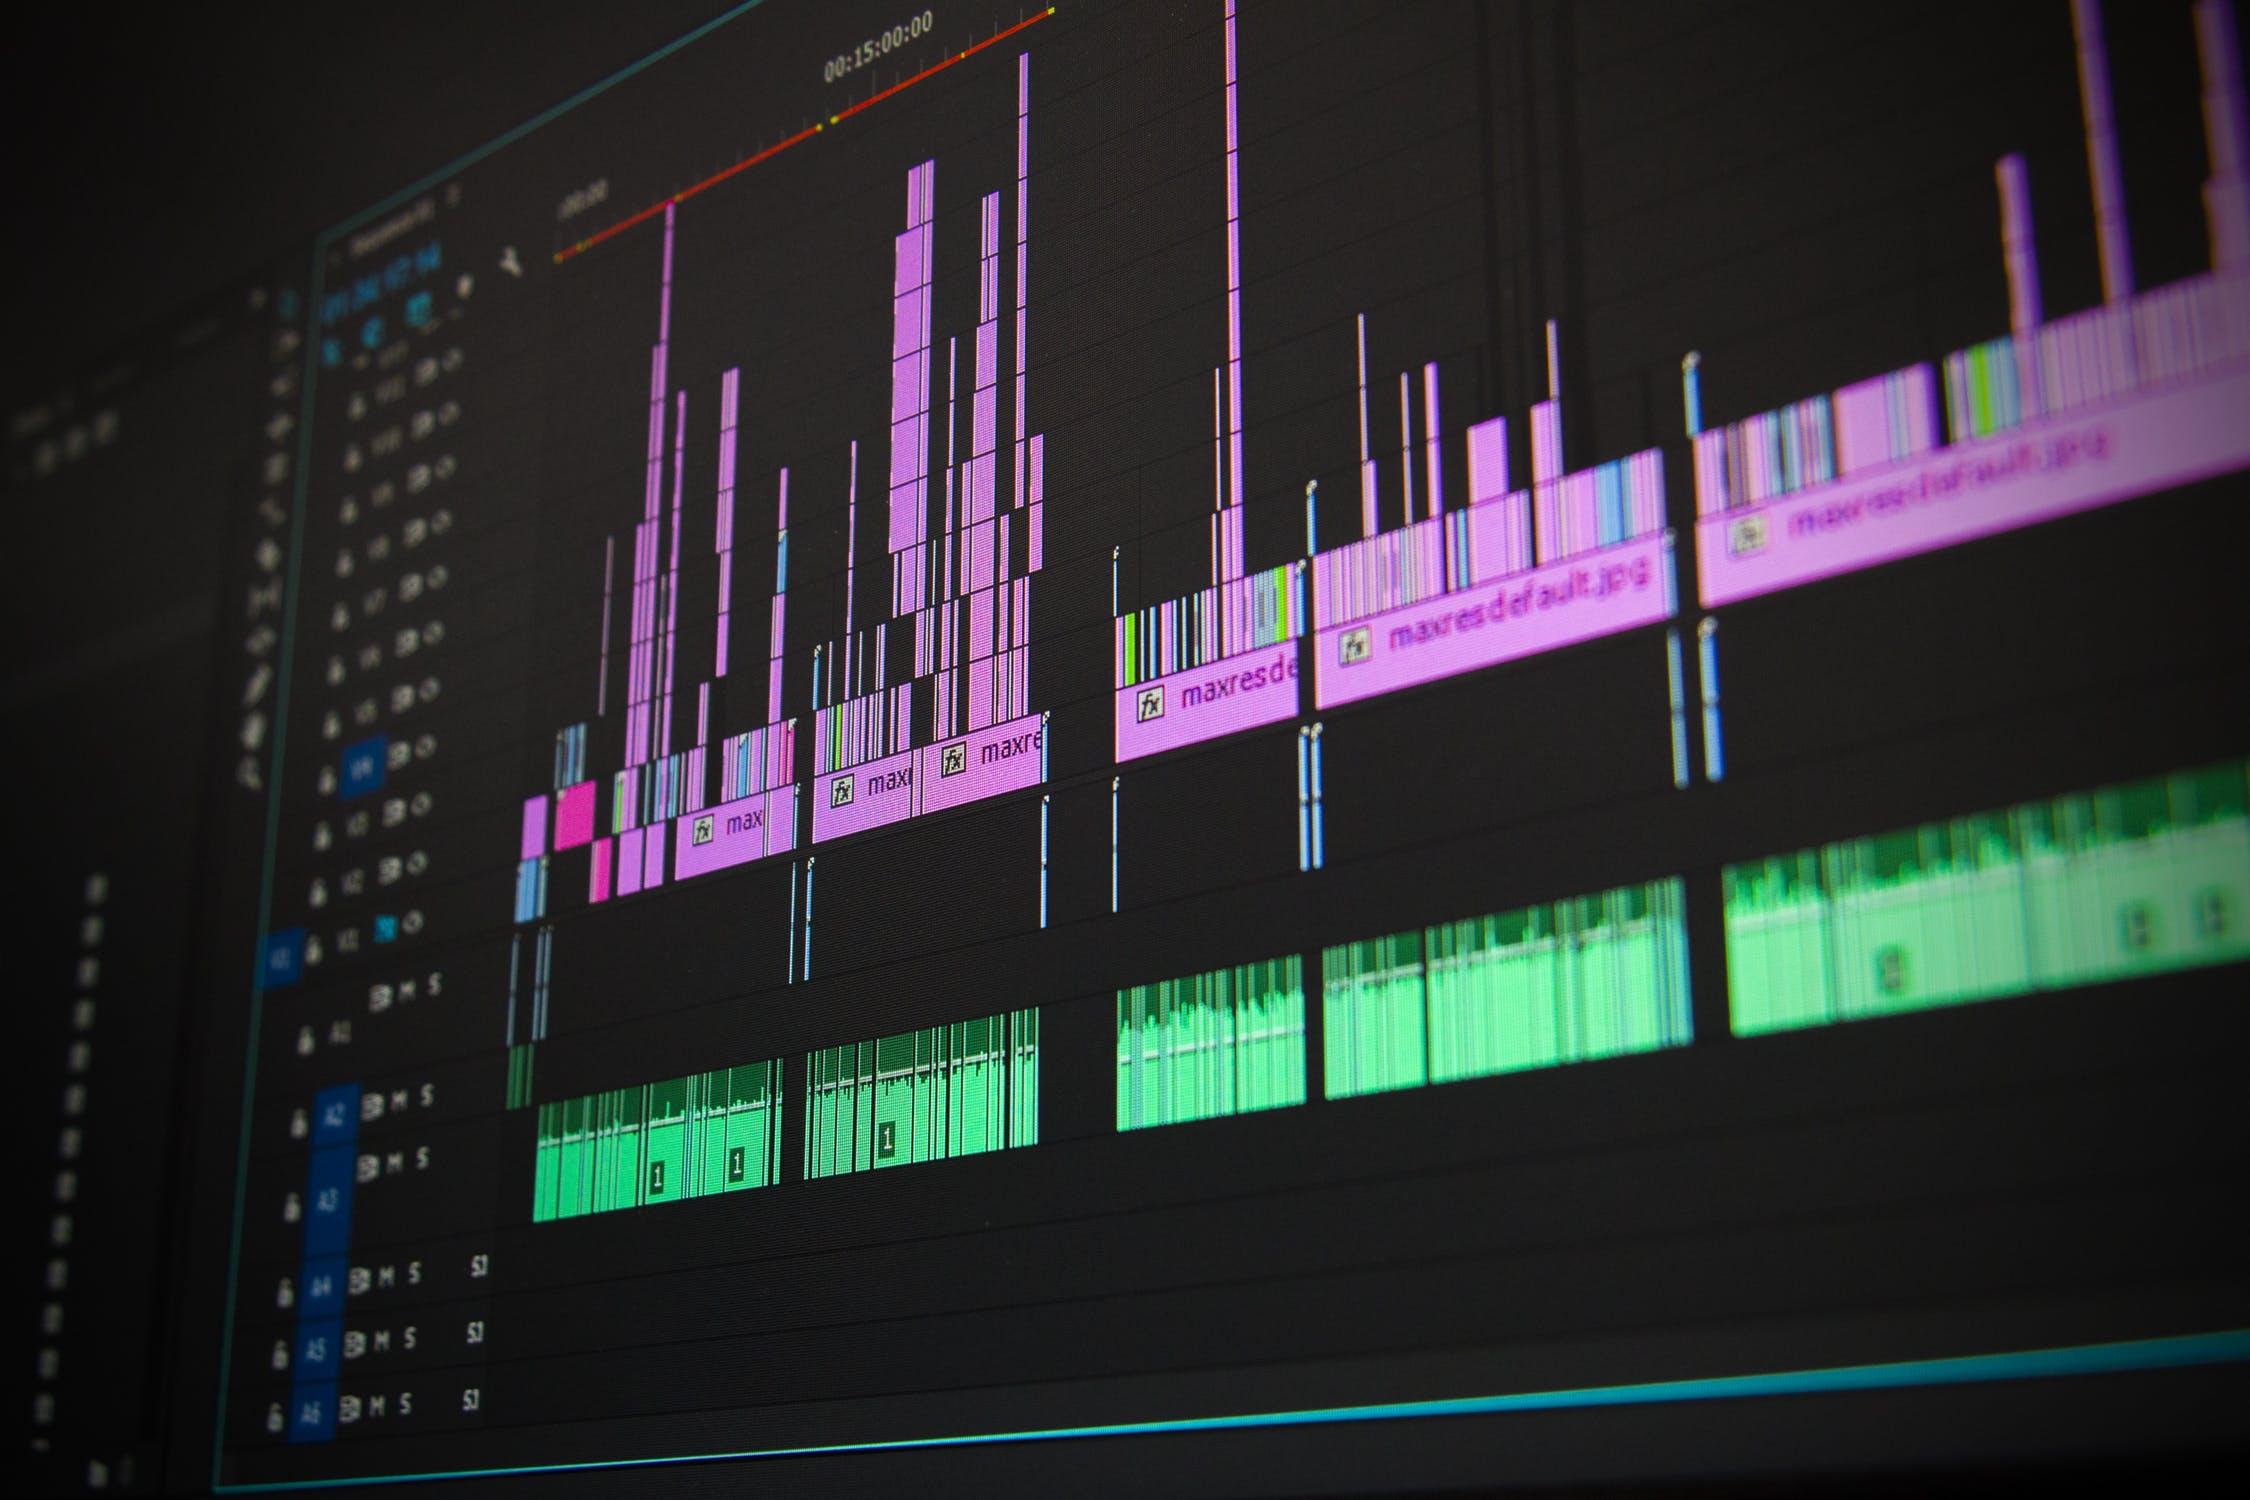 動画を作るために必要なもの2 動画編集ソフト